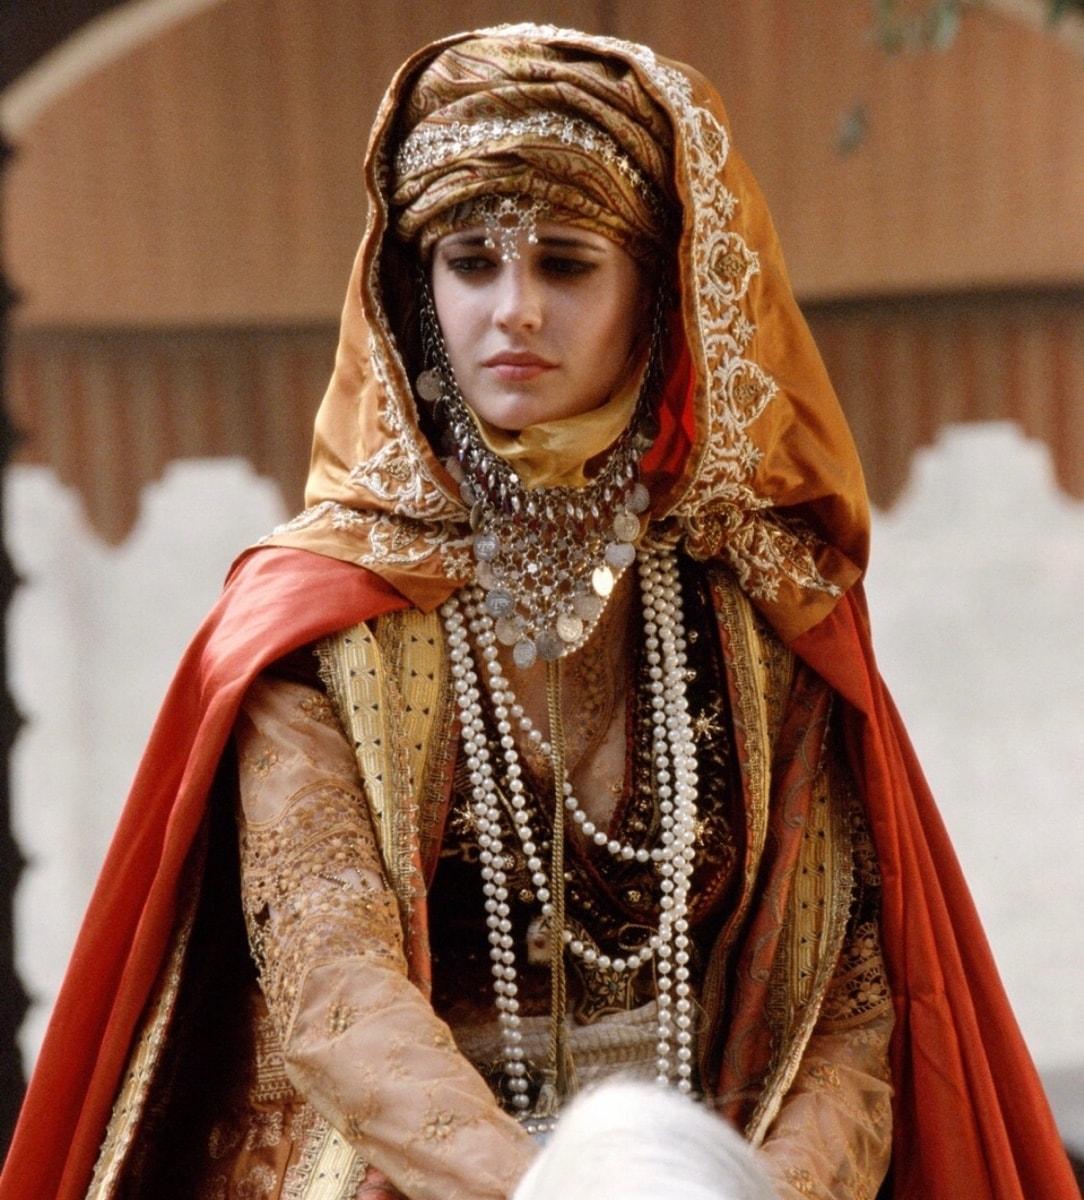 Полоцкие княжичи женились на принцессах малоазиатских государств